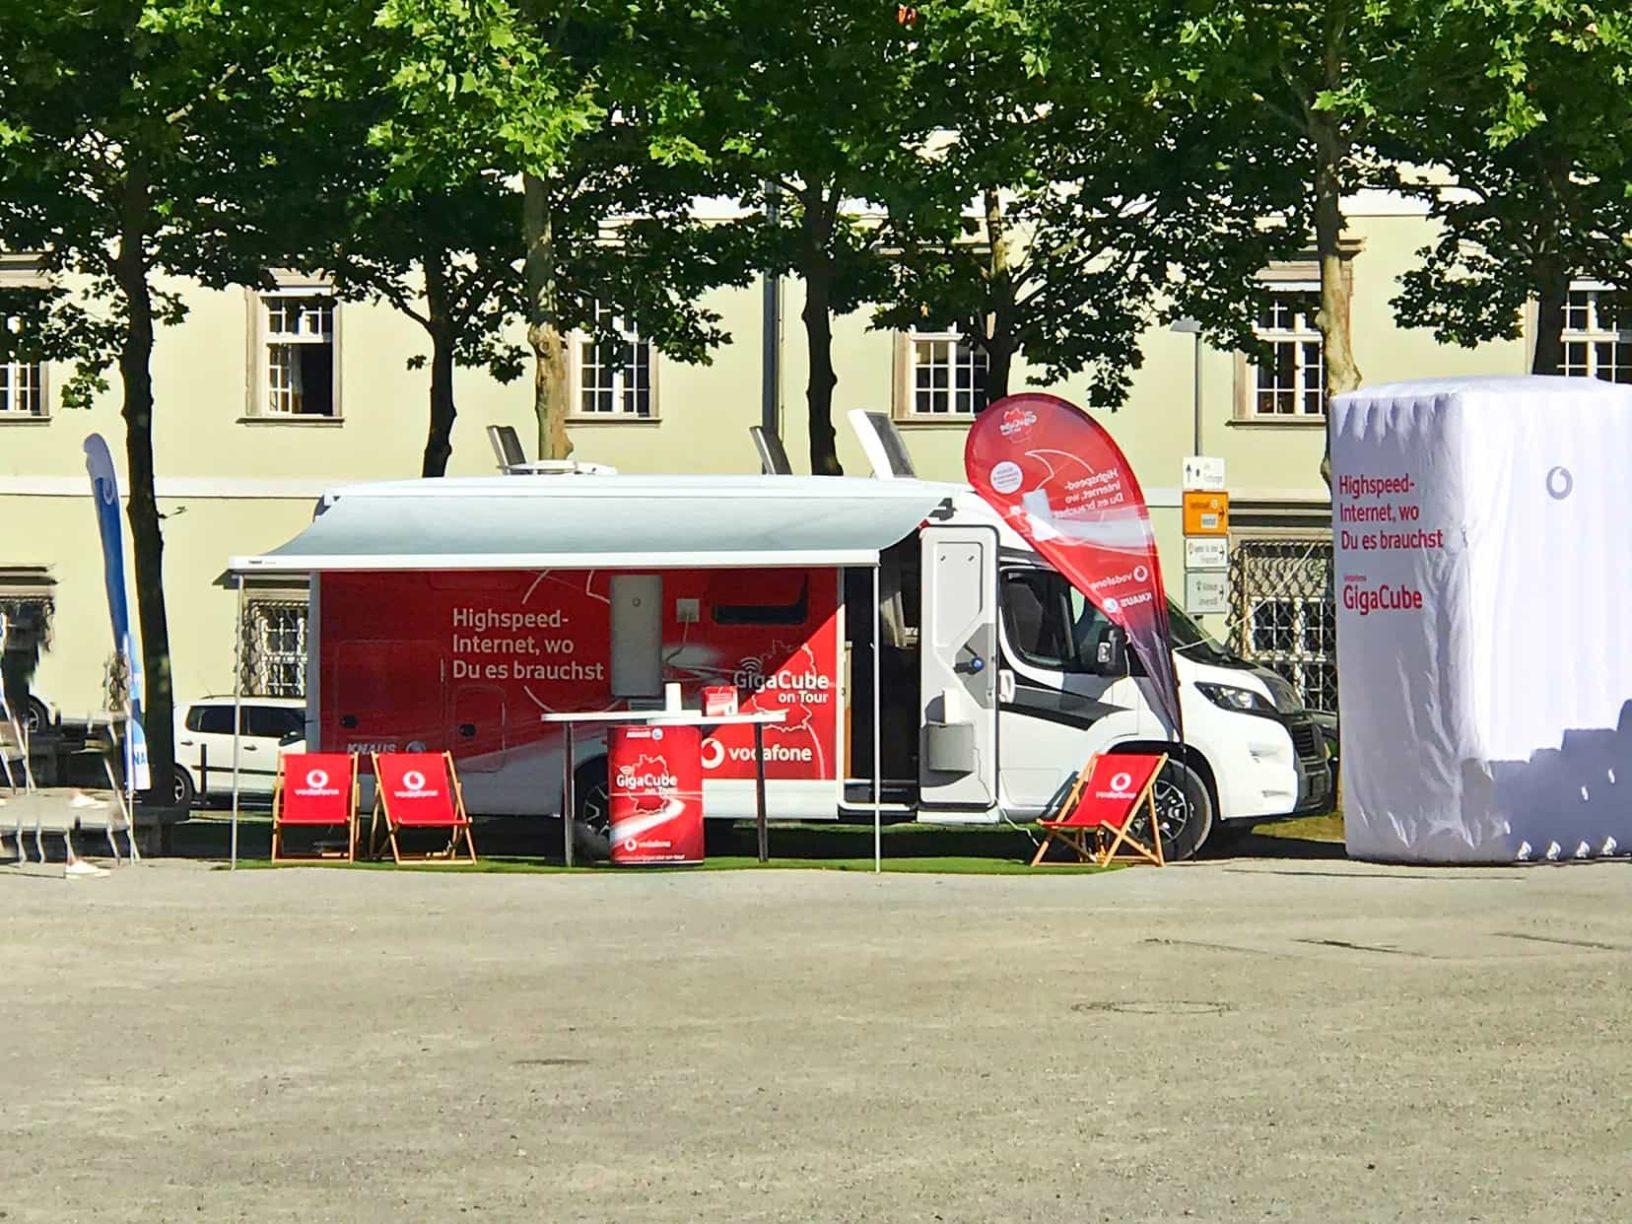 Internet unterwegs Knaus und Vodafone Gigacube